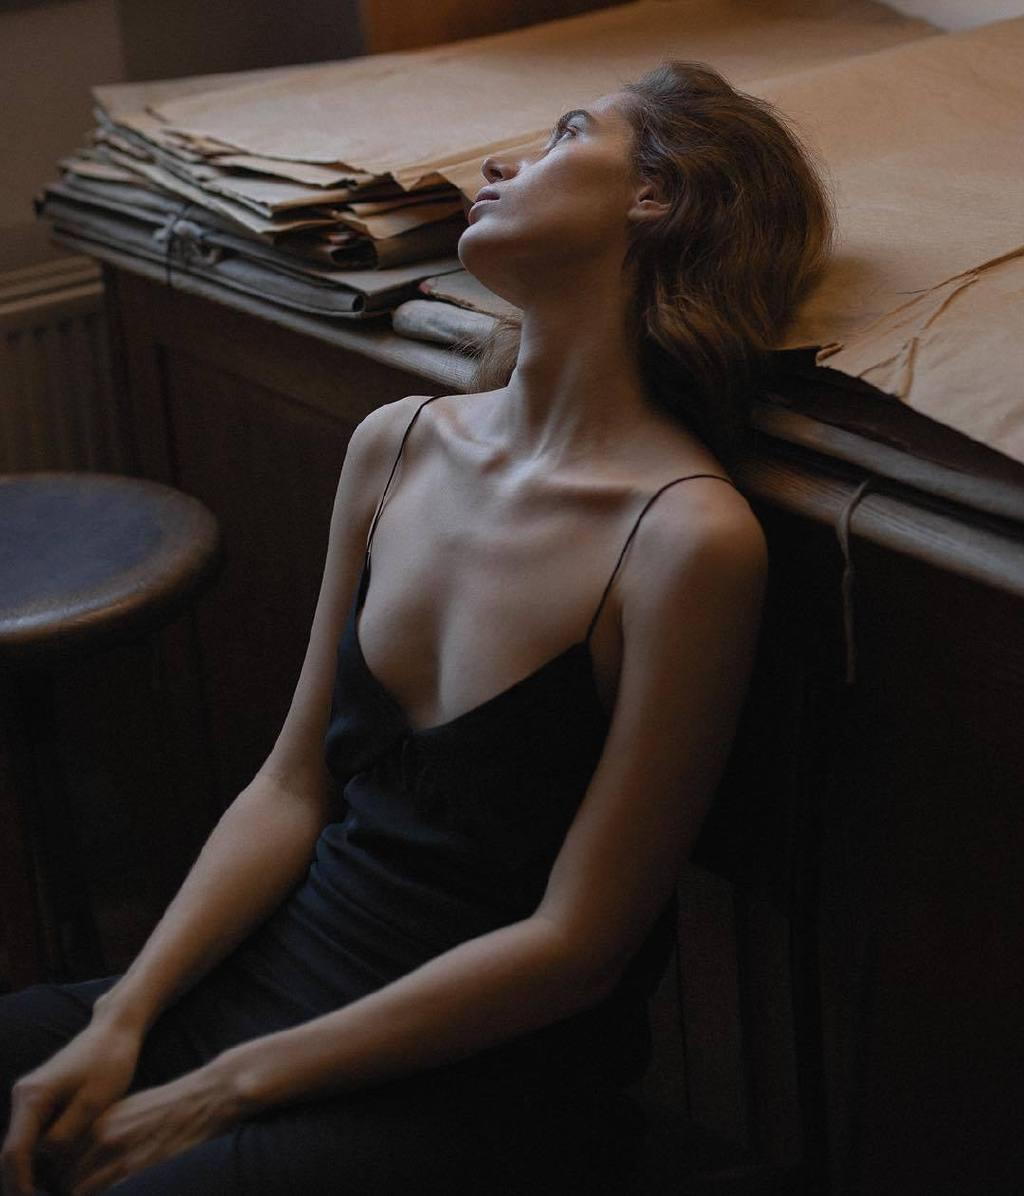 俄罗斯摄影师Anastasia Lisitsyna的人像摄影作品 审美灵感 第3张